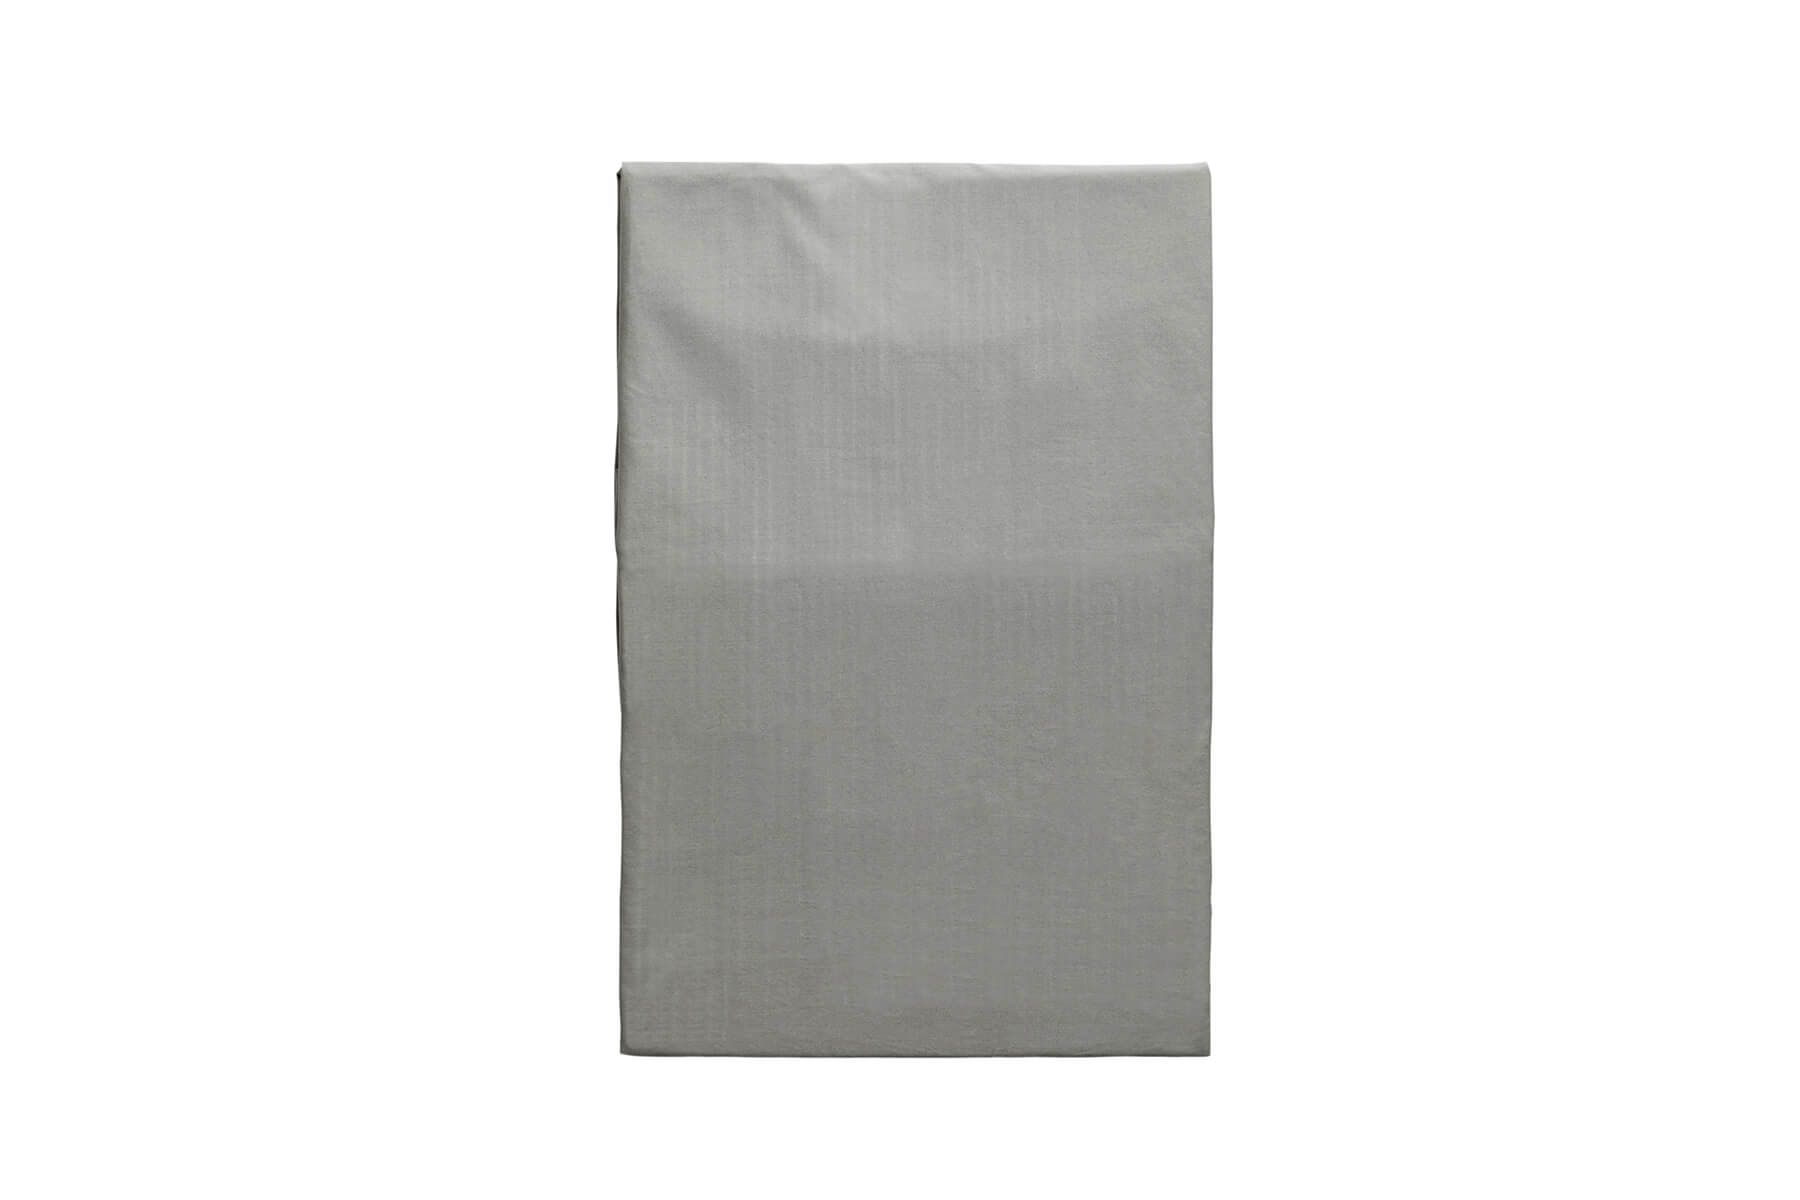 Køb Norhland kuvertlagen GrÃ¥ 180 x 210 cm